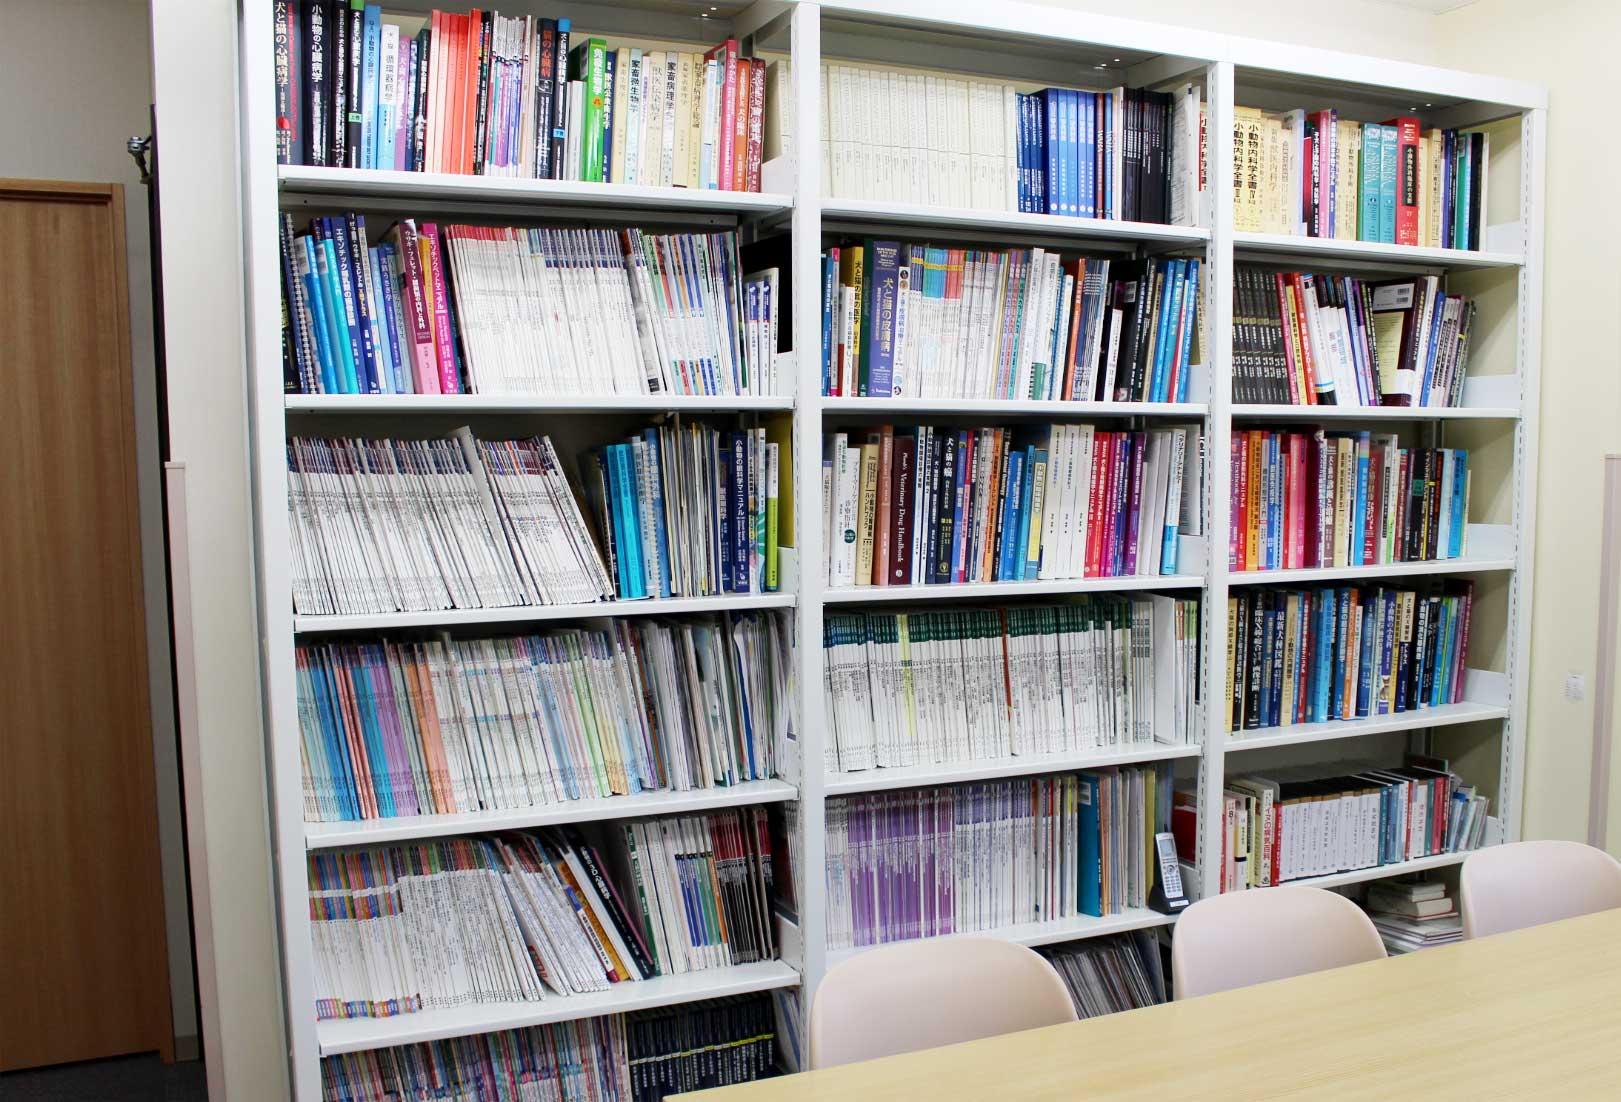 スタッフルームの図書